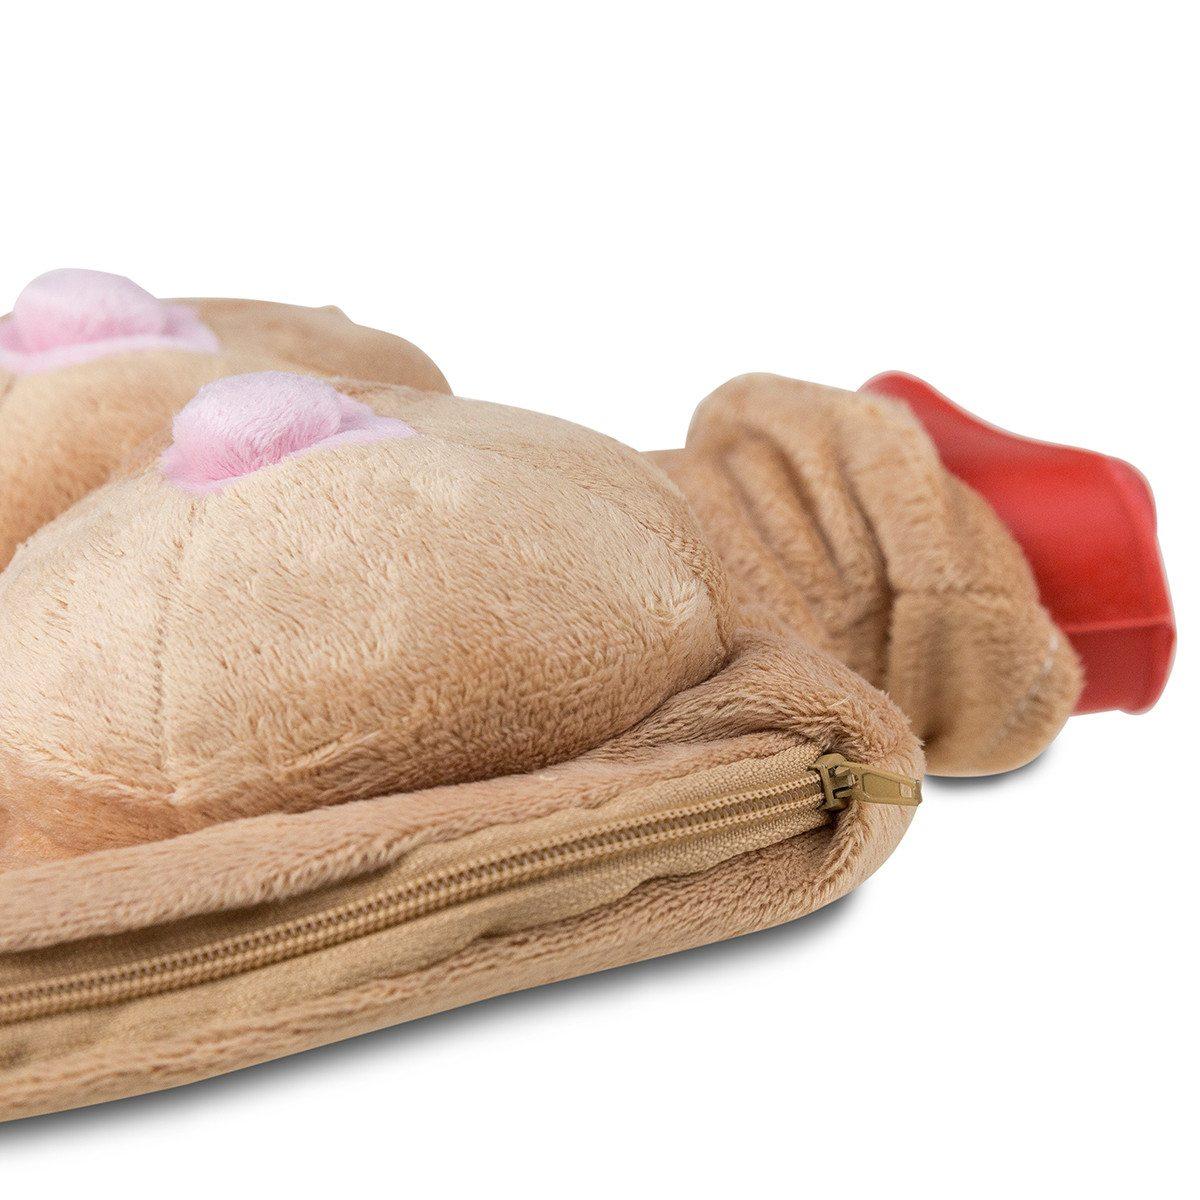 Extra heiß: Die Oben-ohne-Wärmflasche